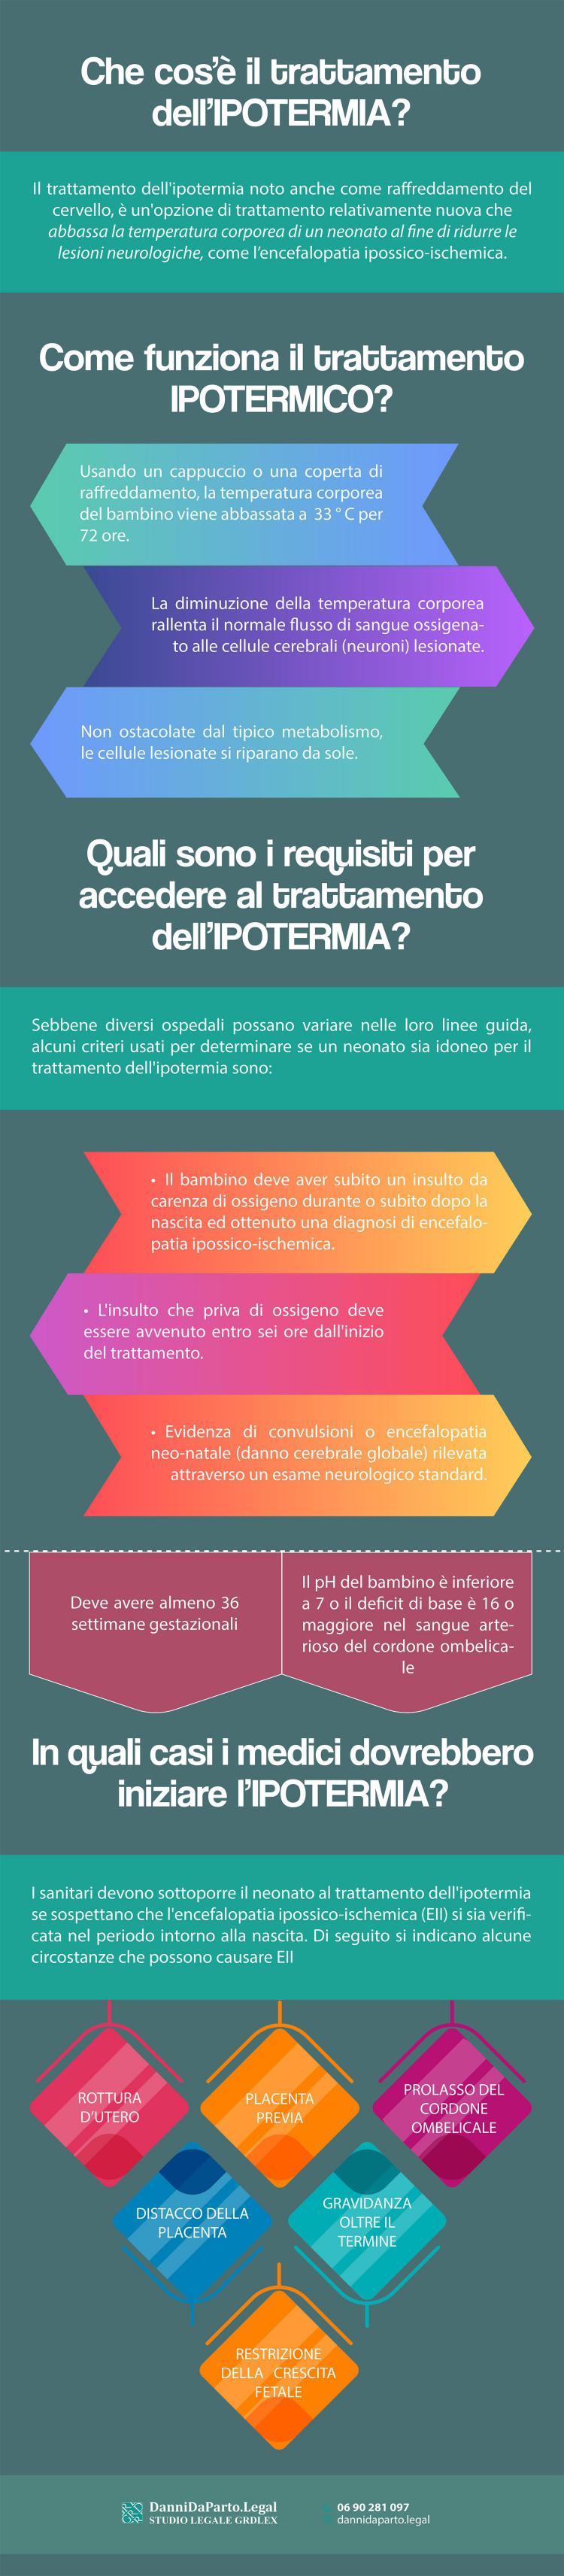 ipotermia-terapeutica-infografica